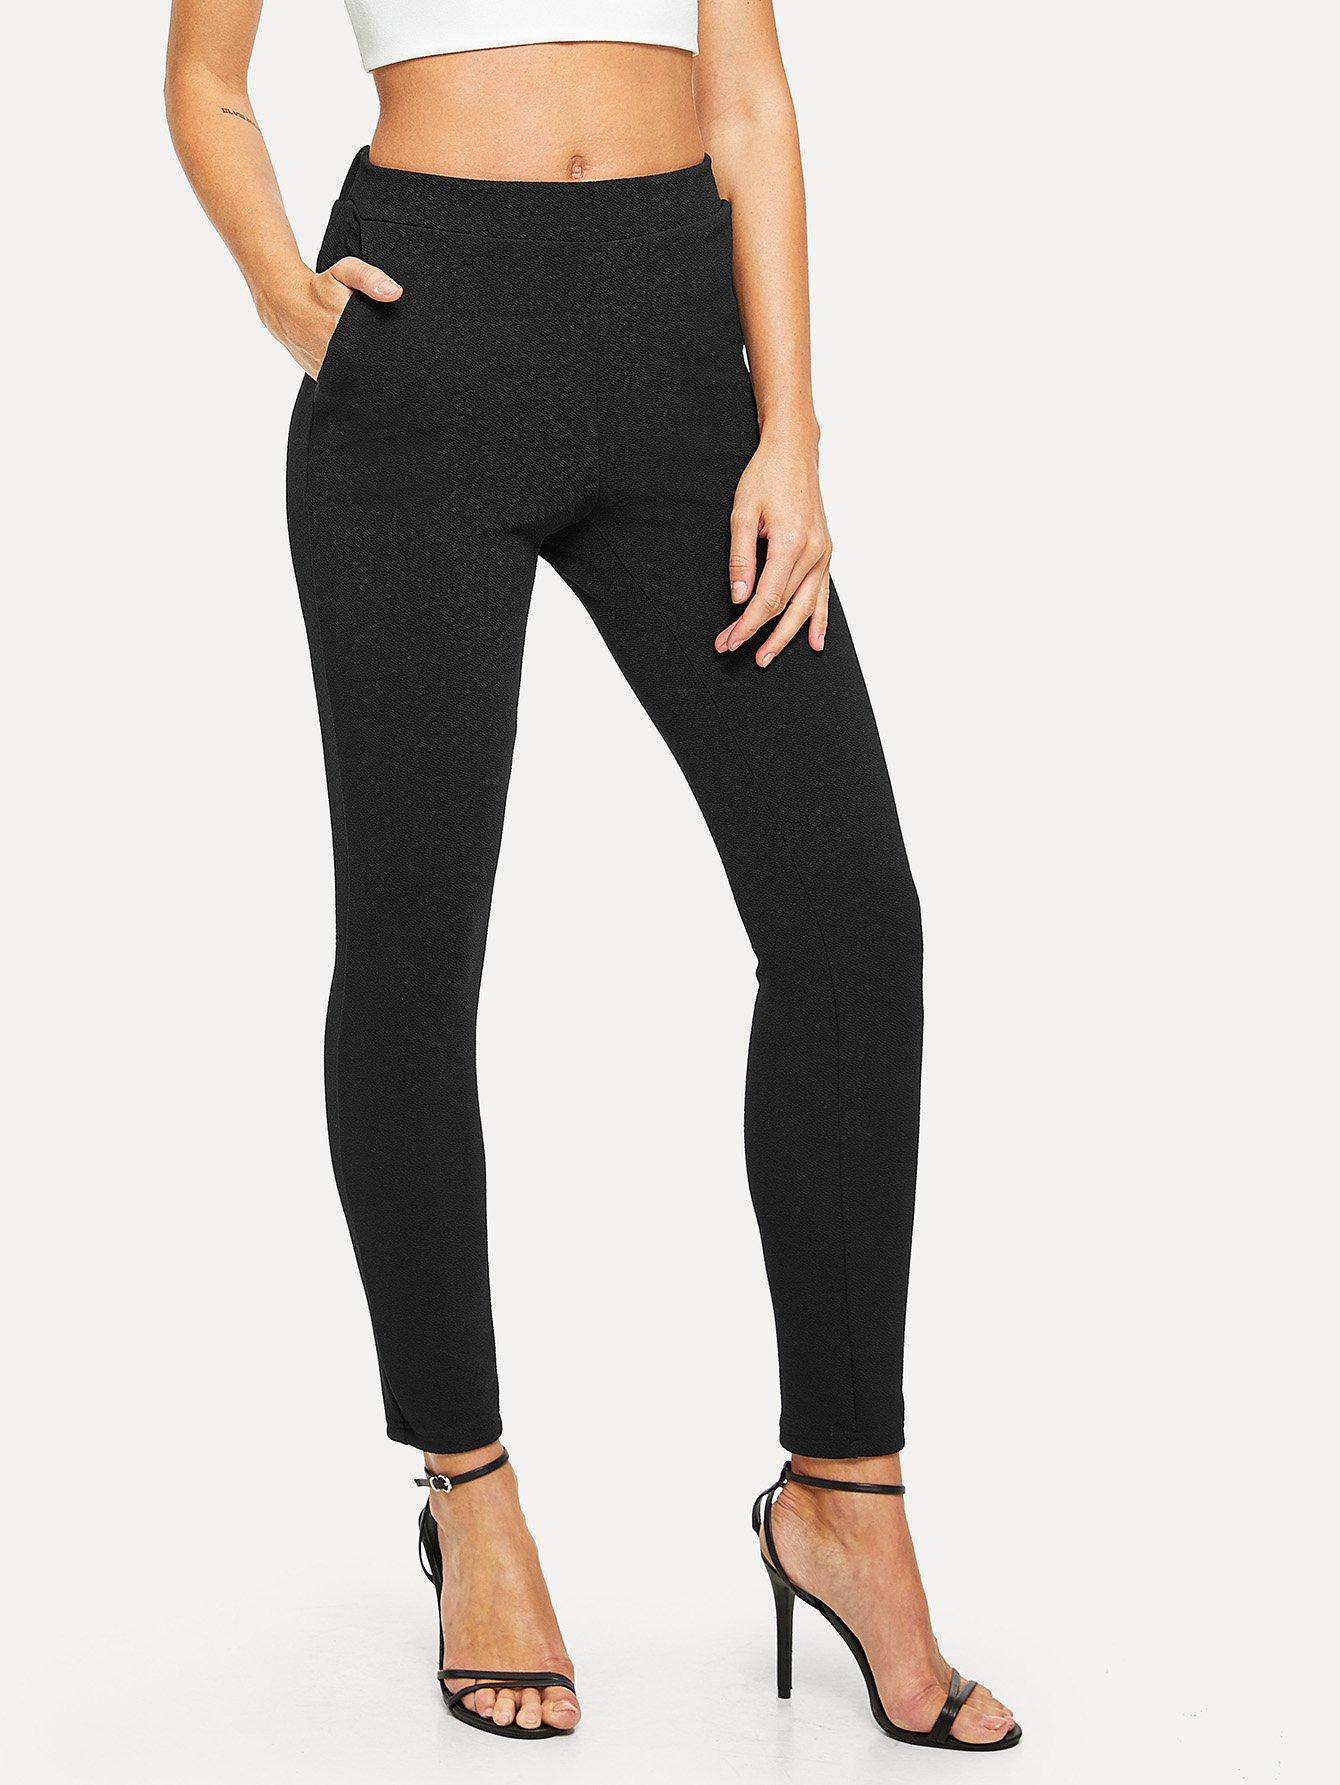 Купить Вертикальные полосатые тощие брюки, Masha, SheIn